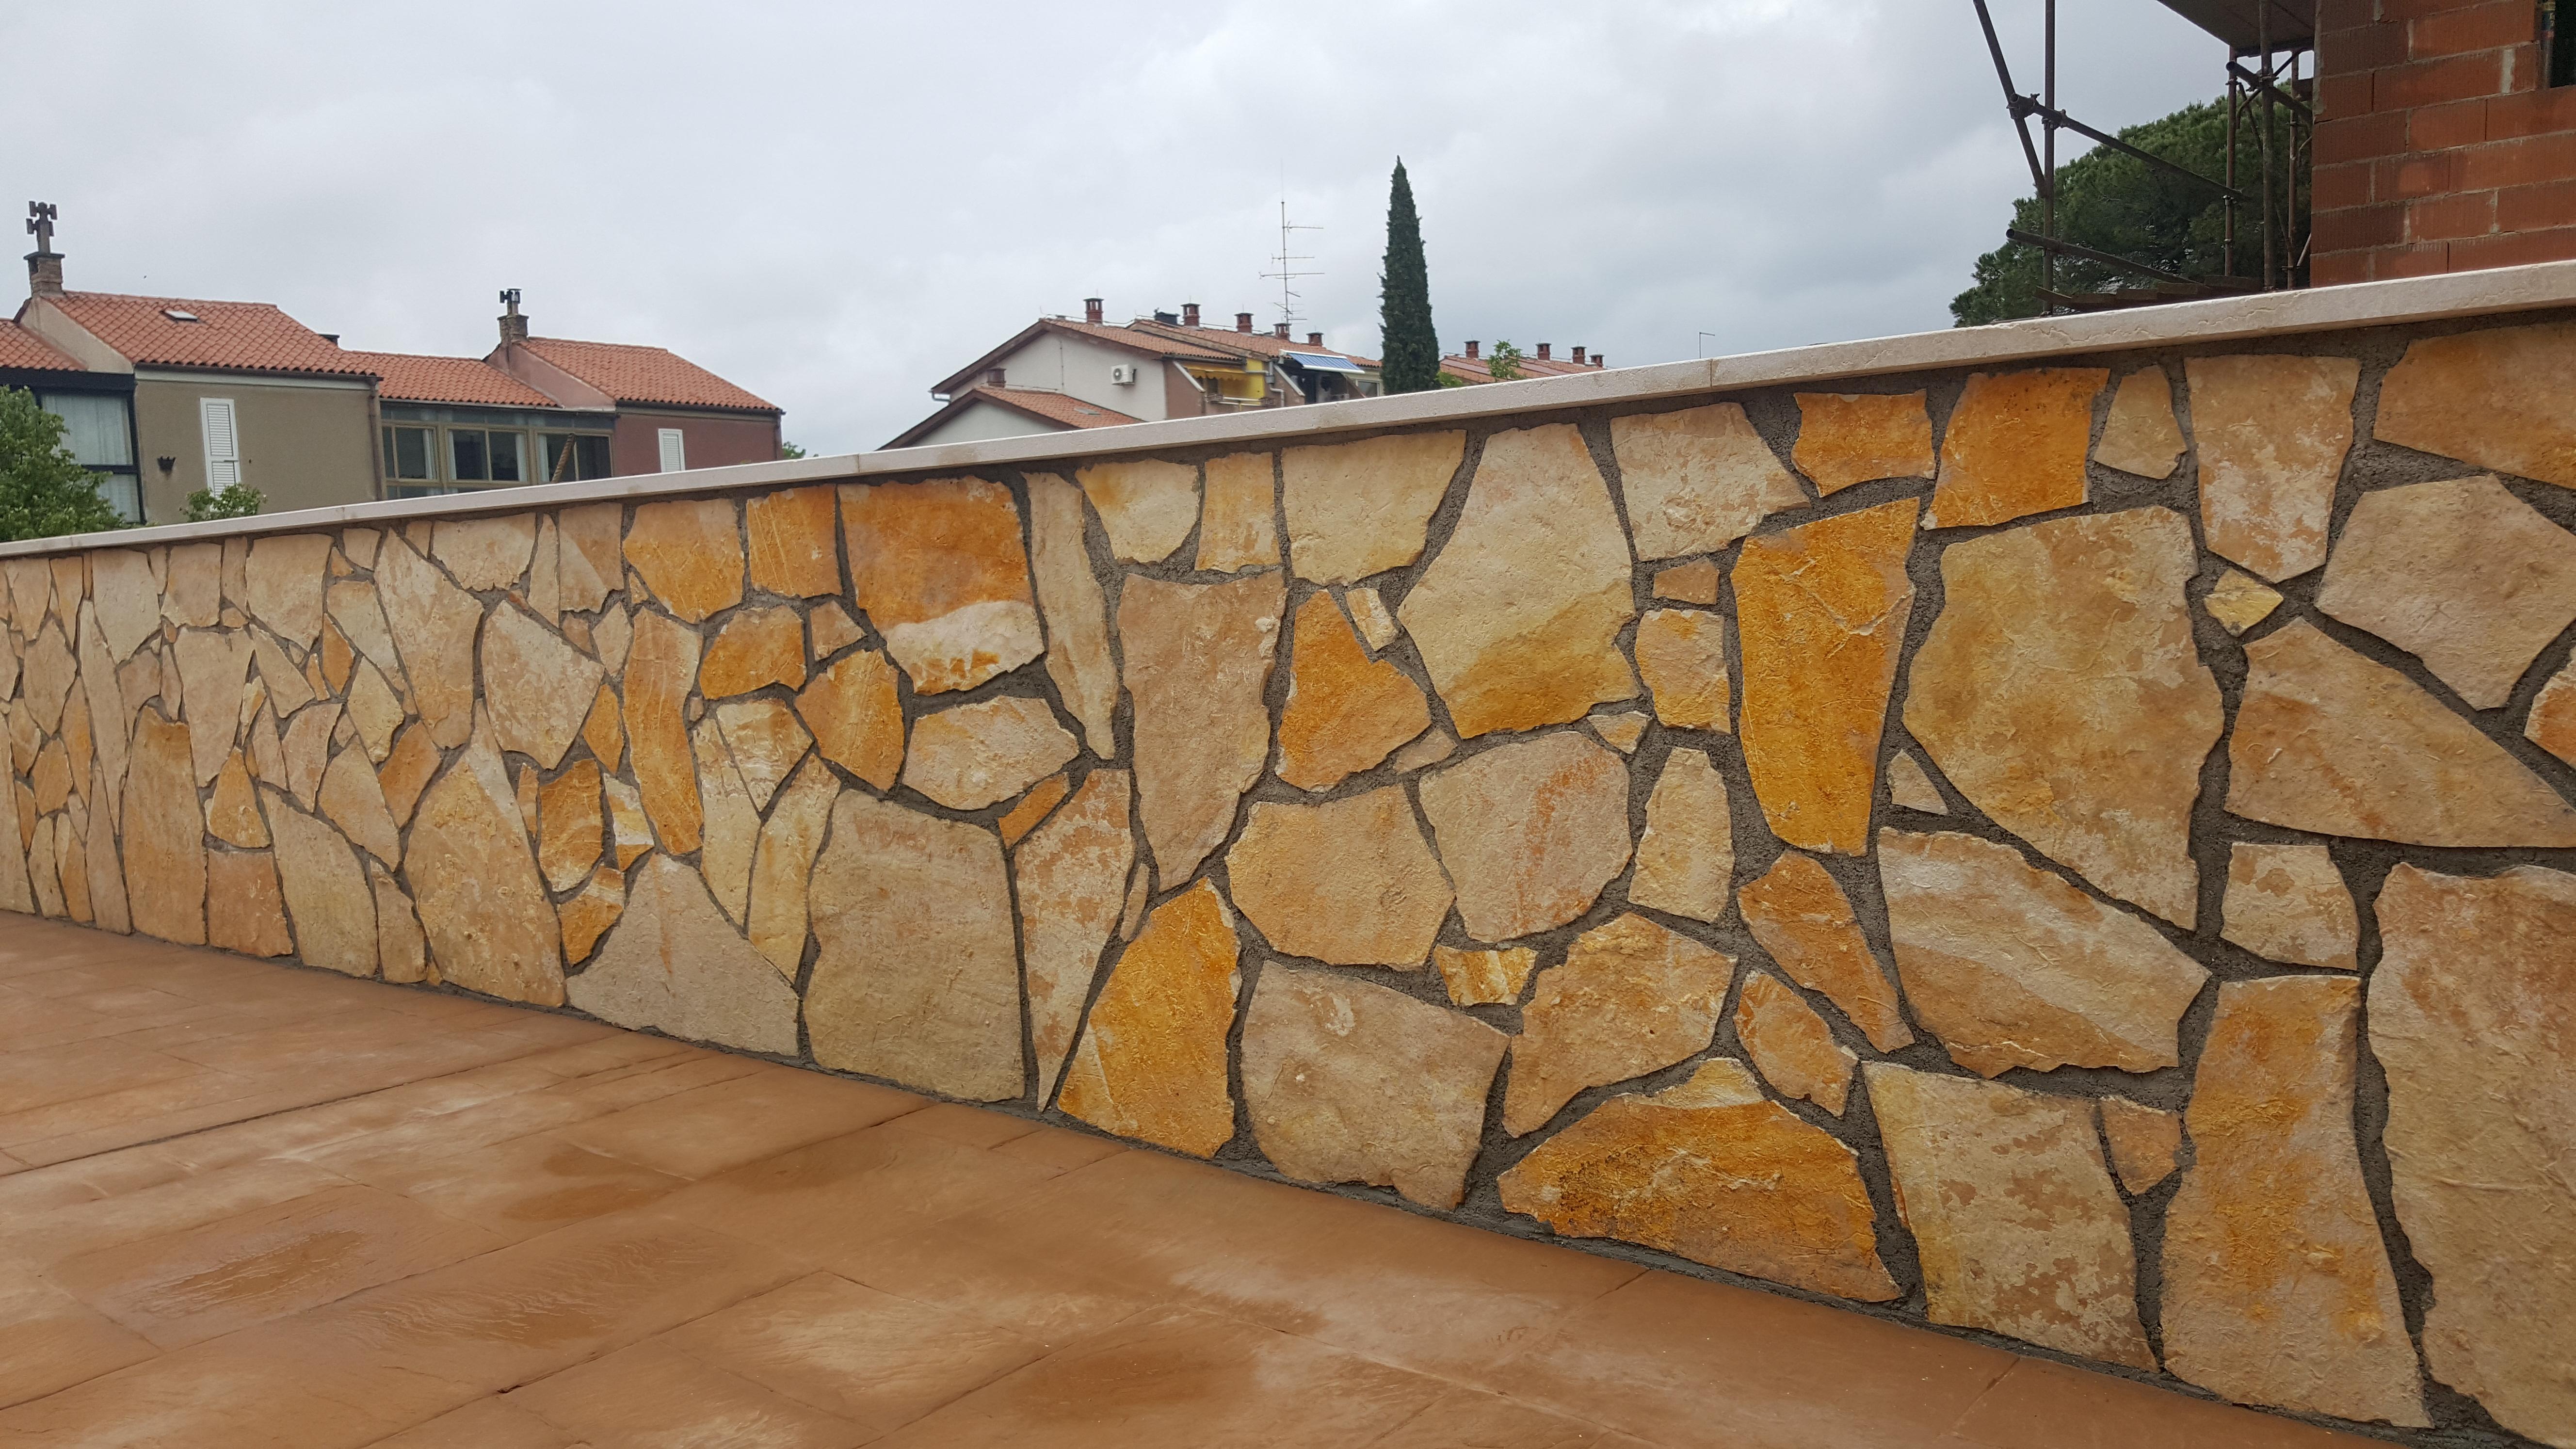 Z kamnitimi oblogami zida spremenimo vase dvorisce v nekaj izjemnega.